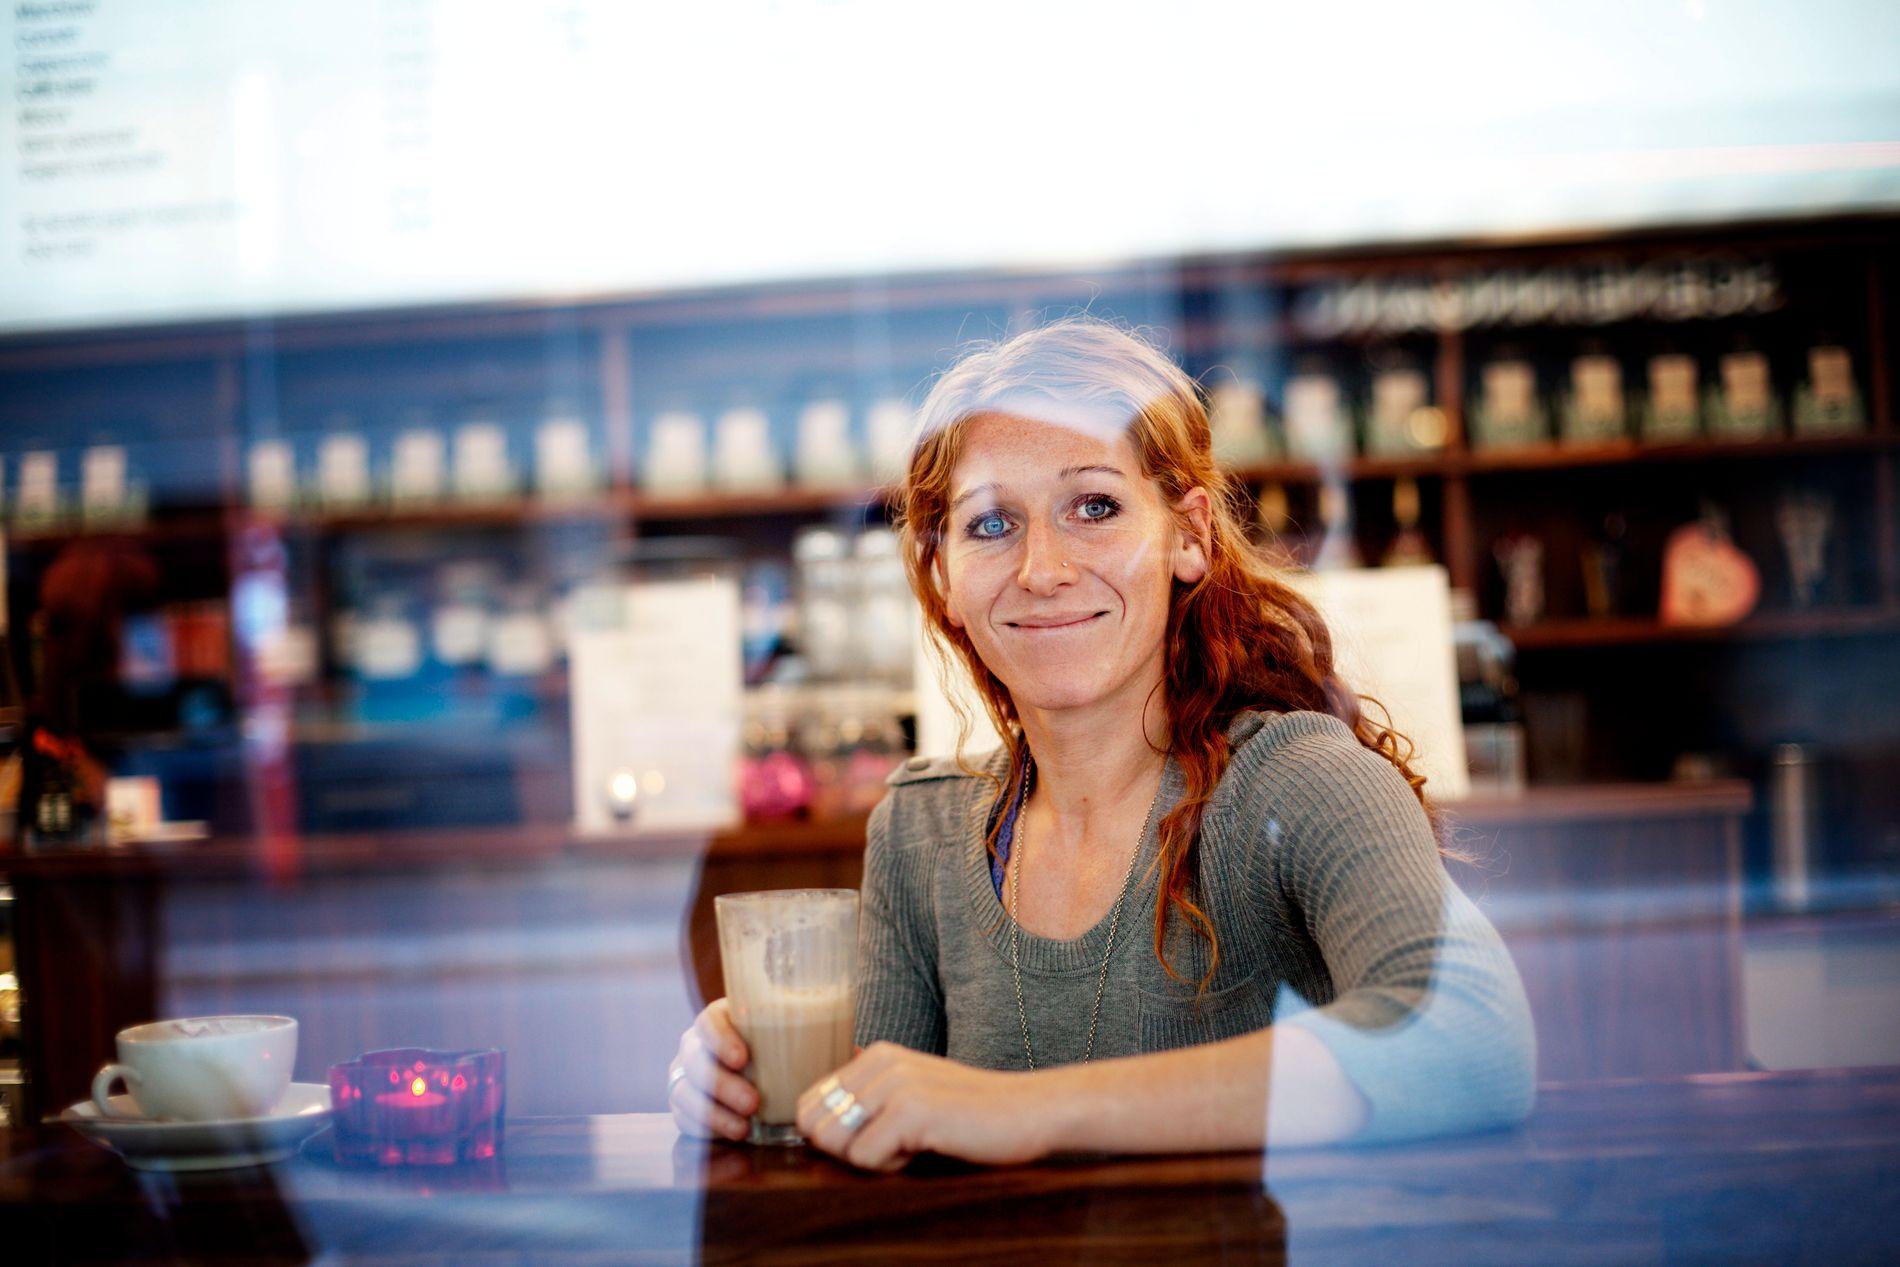 EKSPERT: Lise Klaveness jobber som ekspert for NRK under VM, og må tåle stygge kommentarer i sosiale medier.